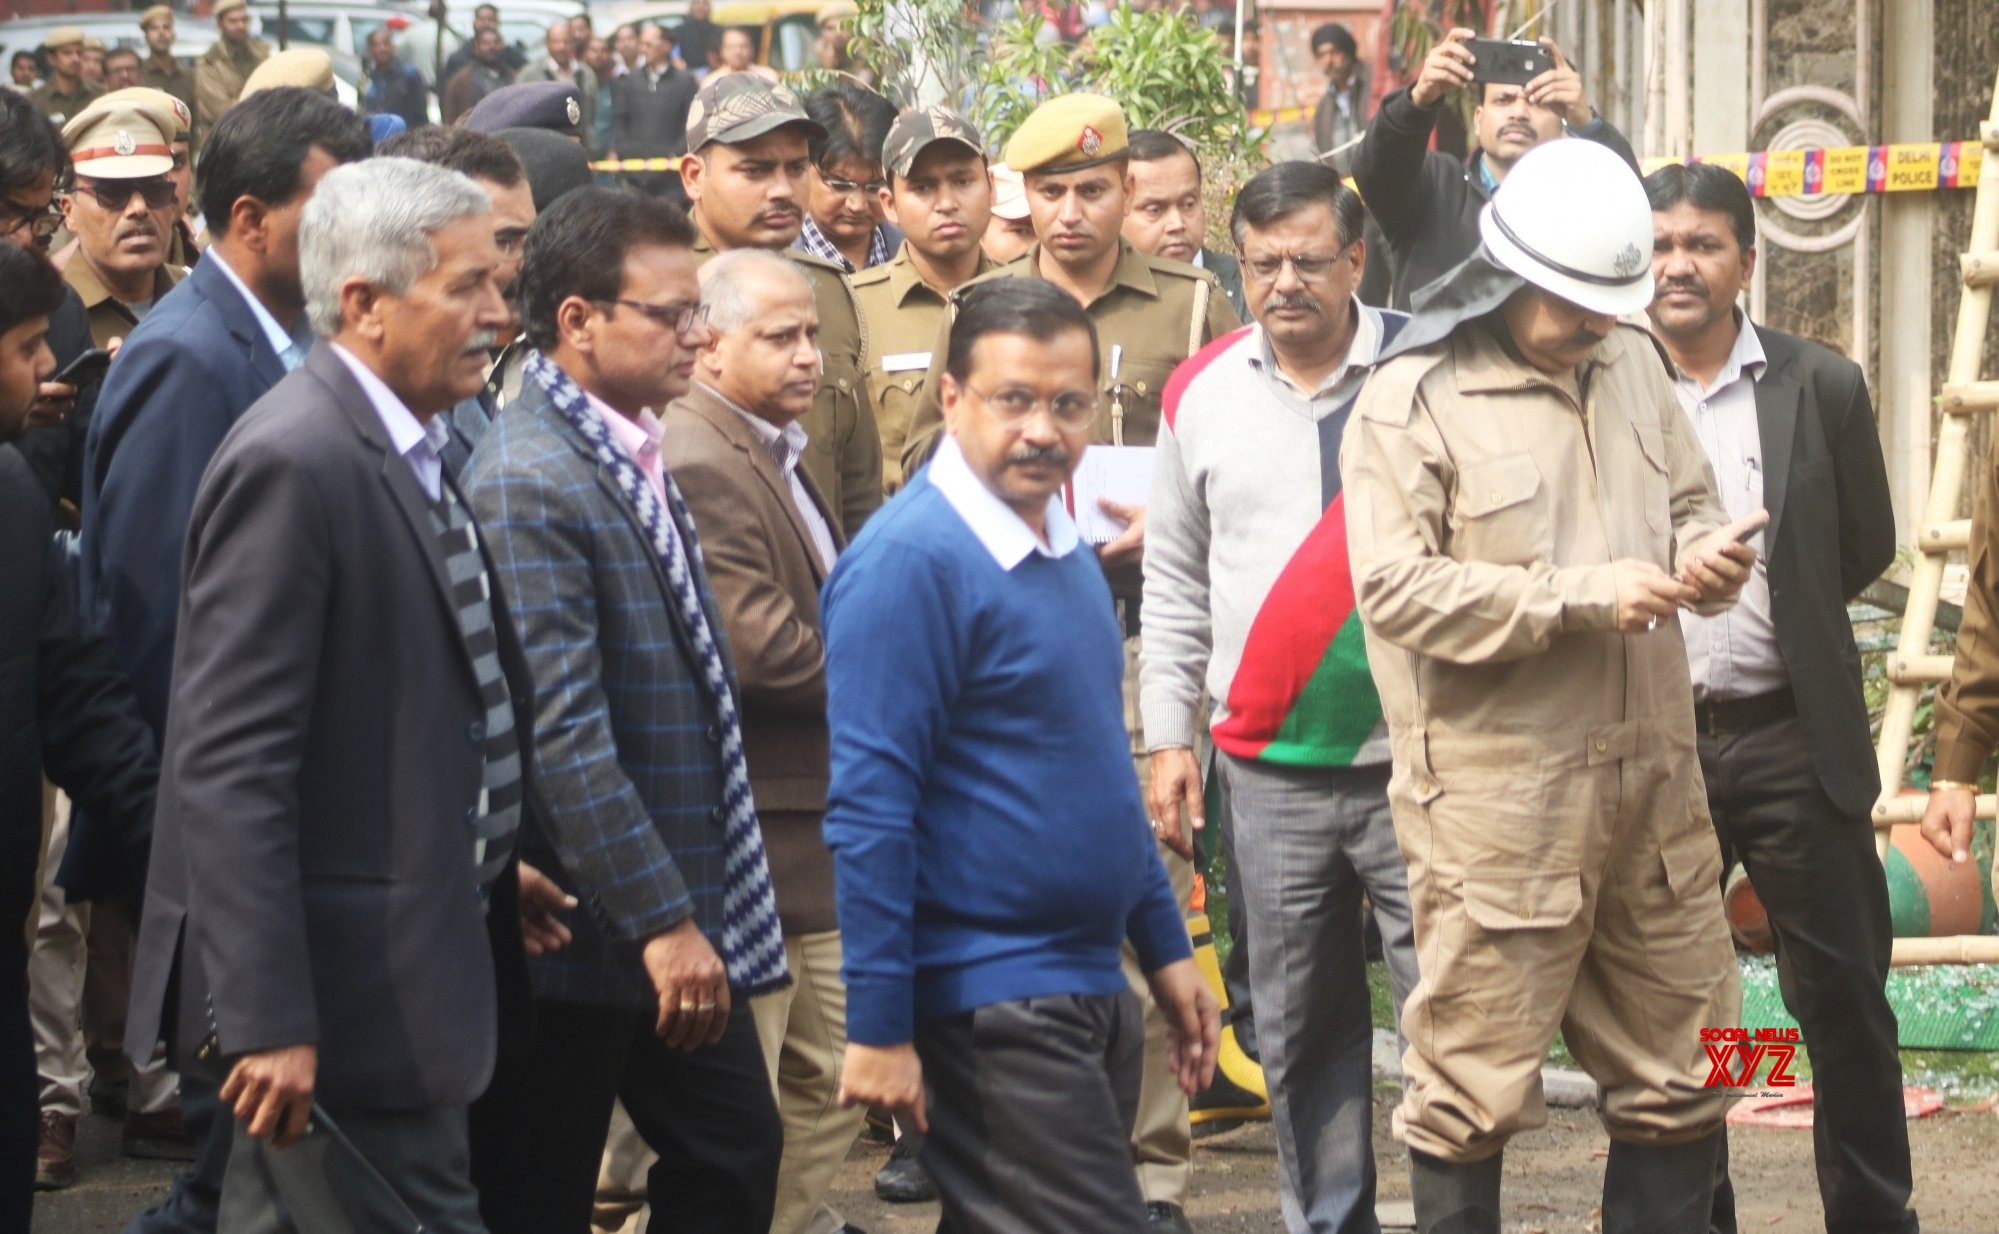 New Delhi: Arvind Kejriwal visits Hotel Arpit Palace #Gallery